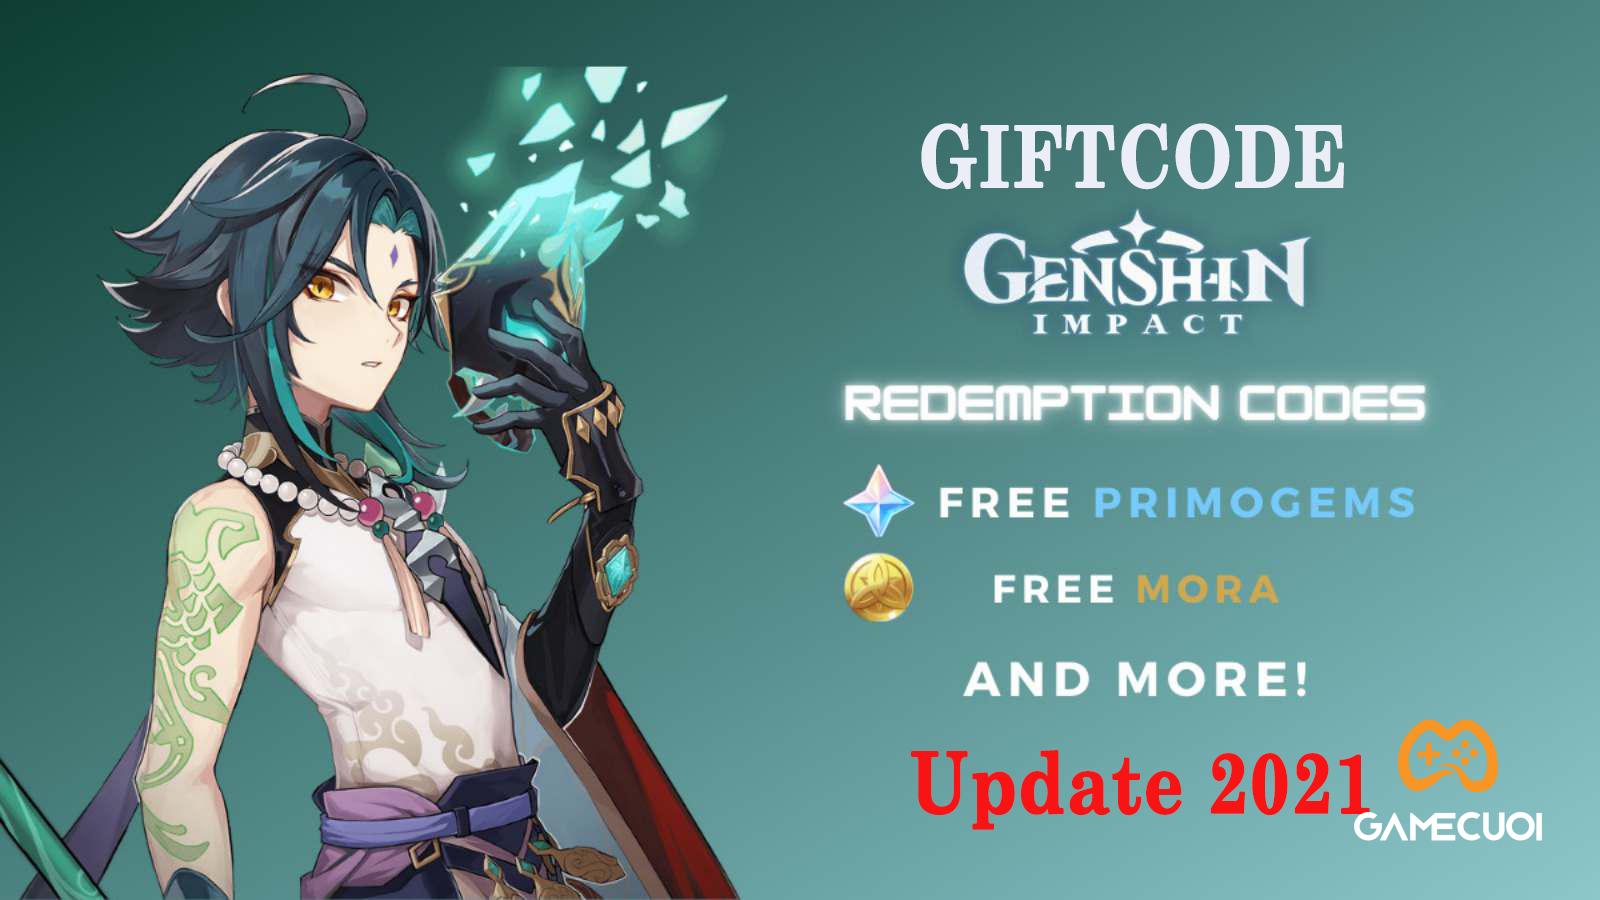 Code Genshin Impact mới nhất cập nhật tháng 9/2021 và cách nhận, nhập Giftcode